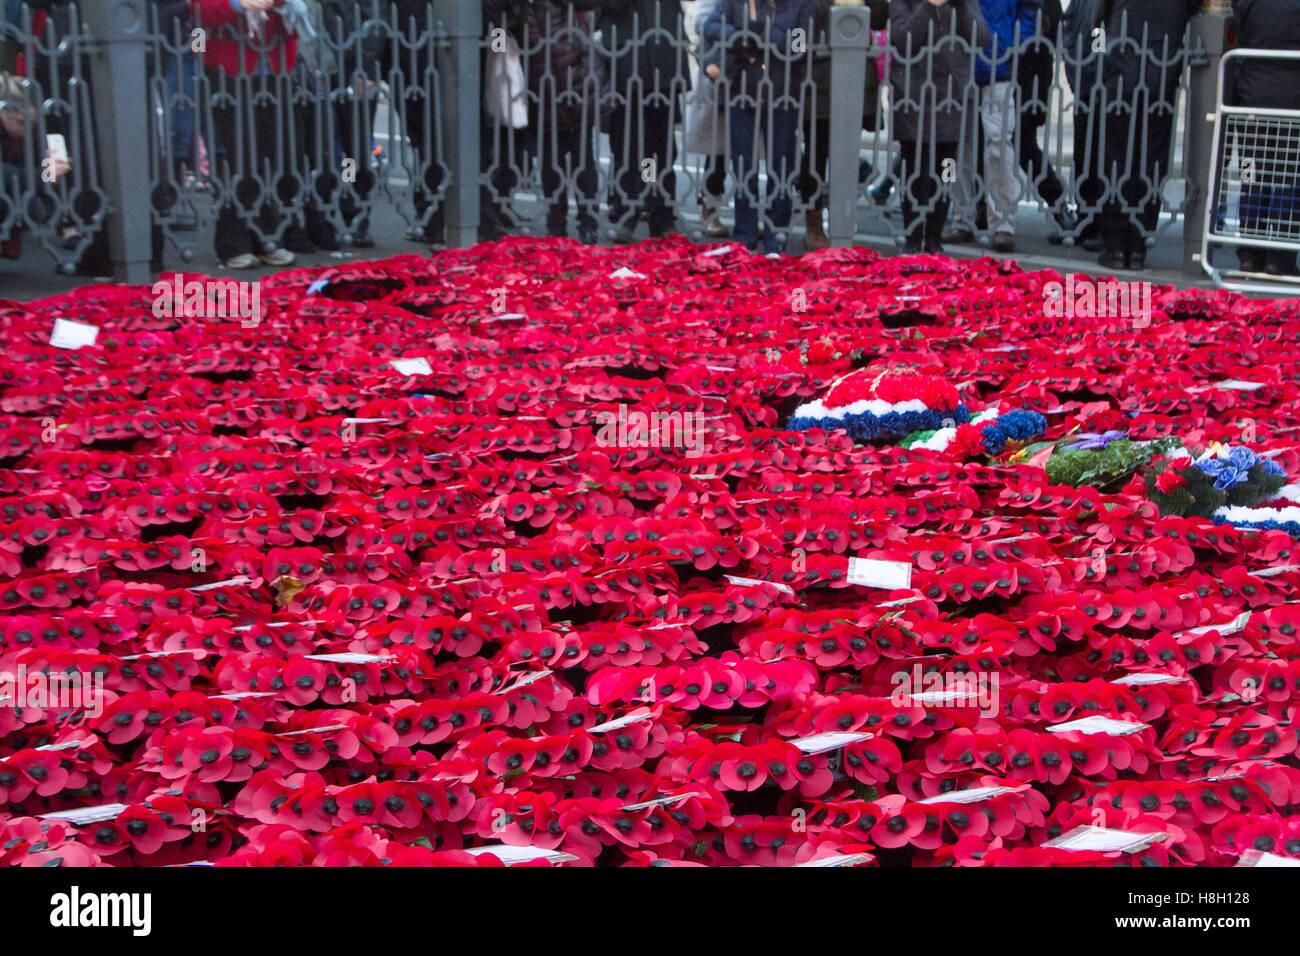 Londres, Reino Unido.El 13 de noviembre de 2016. Grandes multitudes ver el memorial coronas colocadas alrededor del cenotafio en recuerdo domingo por miembros de la familia real, los políticos y los servicios armados Crédito: amer ghazzal/Alamy Live News Foto de stock